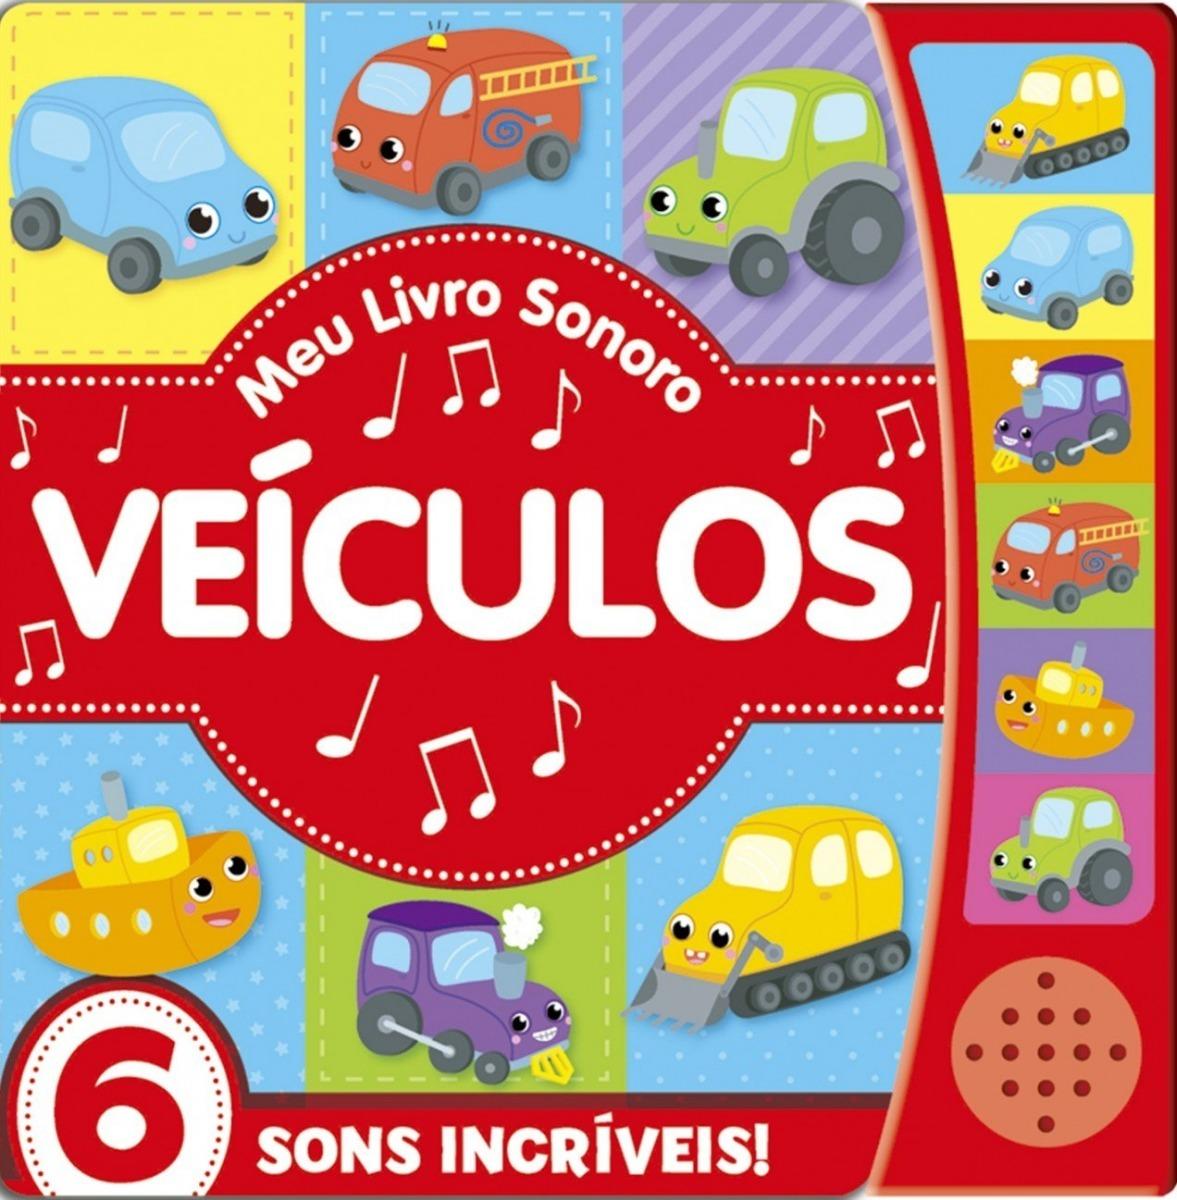 Livro Sonoro C/6 Sons Incríveis - Meu Livro Sonoro Veículos - R ...